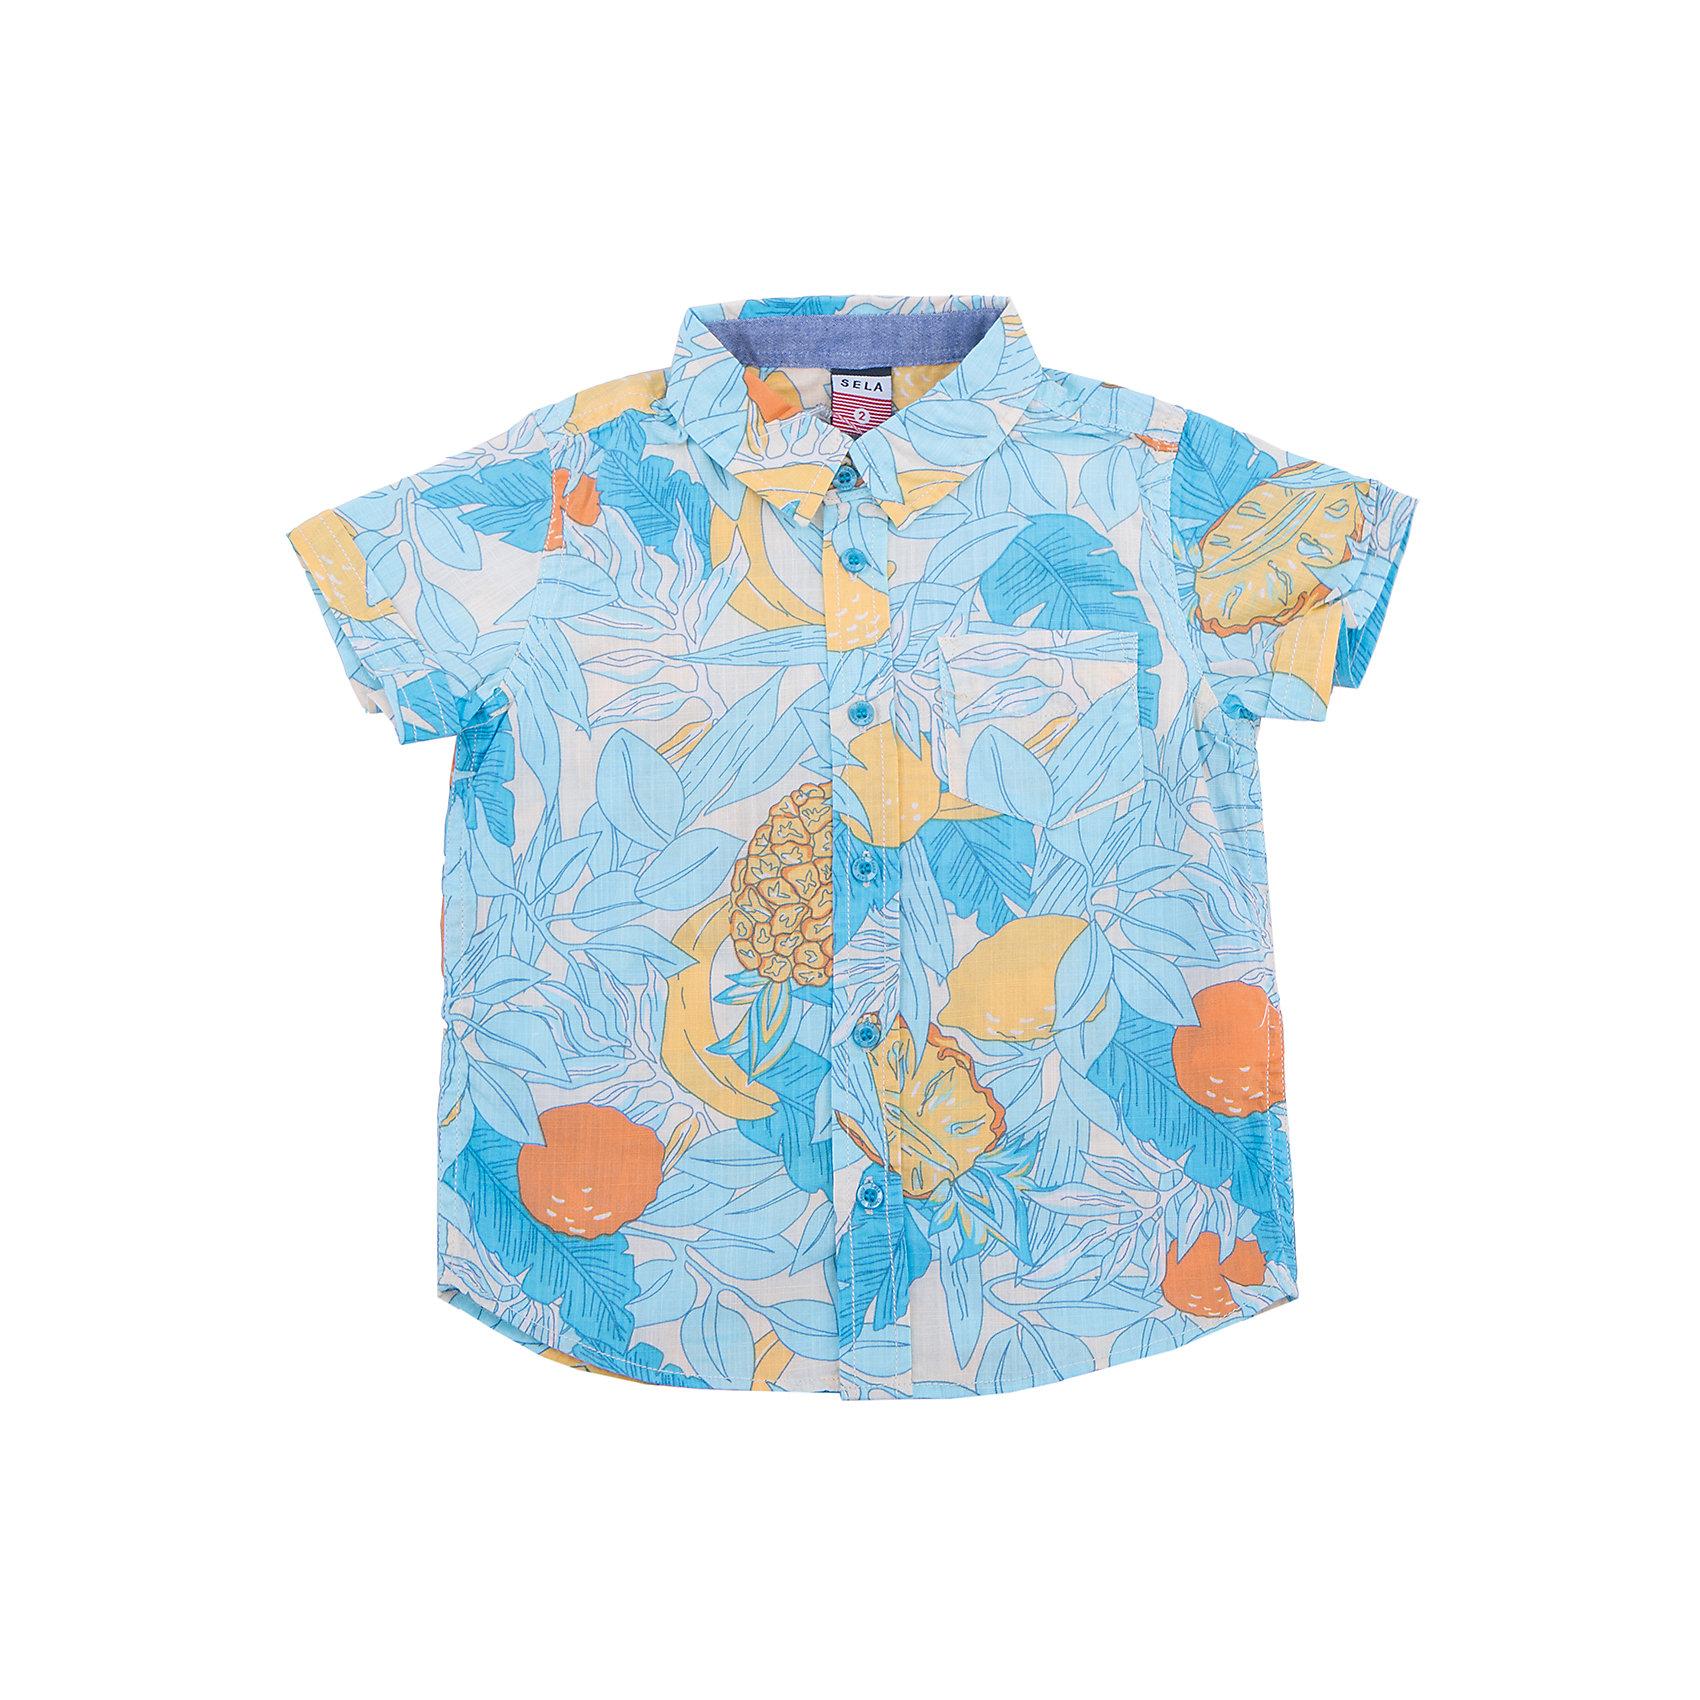 Рубашка для мальчика SELAБлузки и рубашки<br>Характеристики товара:<br><br>• цвет: голубой<br>• сезон: лето<br>• состав: 100% хлопок<br>• пуговицы<br>• короткие рукава<br>• отложной воротник<br>• принт<br>• страна бренда: Россия<br><br>Модная рубашка для мальчика разнообразит гардероб ребенка. Она отлично сочетается с джинсами, брюками или шортами. Очень стильно смотрится!<br><br>Одежда, обувь и аксессуары от российского бренда SELA не зря пользуются большой популярностью у детей и взрослых! Модели этой марки - стильные и удобные, цена при этом неизменно остается доступной. <br><br>Рубашку для мальчика от популярного бренда SELA (СЕЛА) можно купить в нашем интернет-магазине.<br><br>Ширина мм: 174<br>Глубина мм: 10<br>Высота мм: 169<br>Вес г: 157<br>Цвет: белый<br>Возраст от месяцев: 60<br>Возраст до месяцев: 72<br>Пол: Мужской<br>Возраст: Детский<br>Размер: 116,92,98,104,110<br>SKU: 5305544